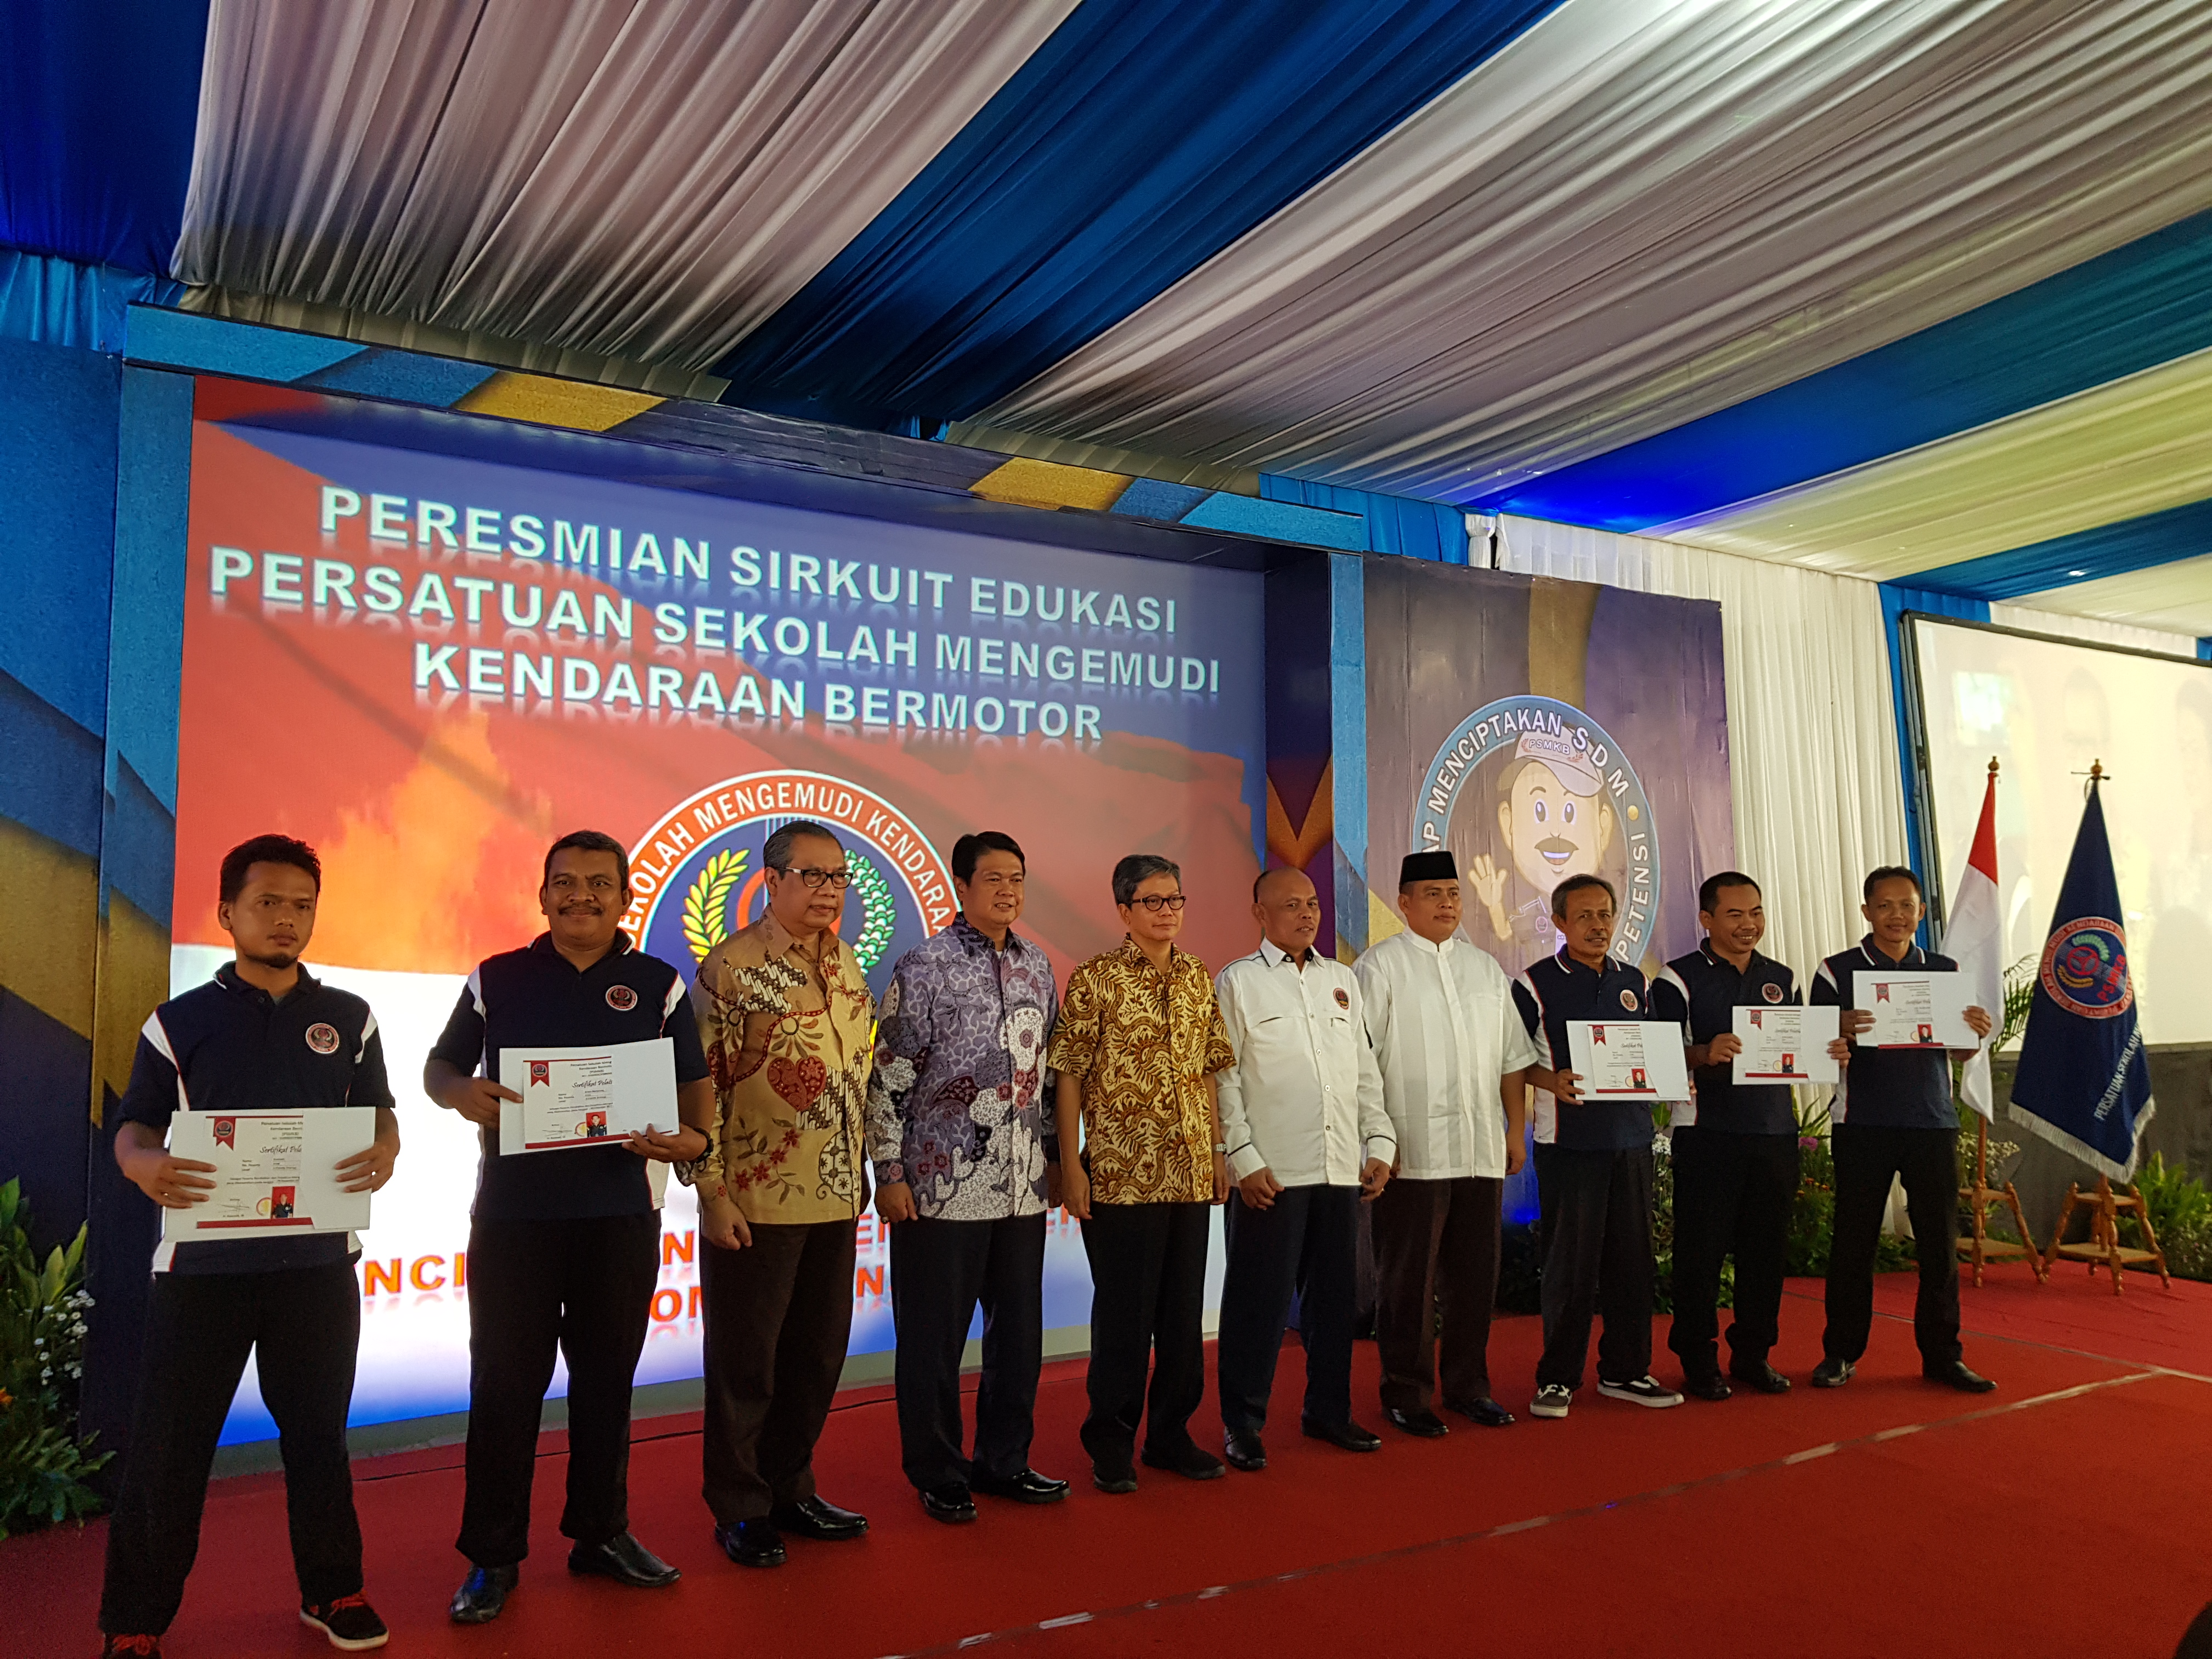 Launching Sirkuit Latihan Persatuan Sekolah Mengemudi Kendaraan Bermotor Psmkb